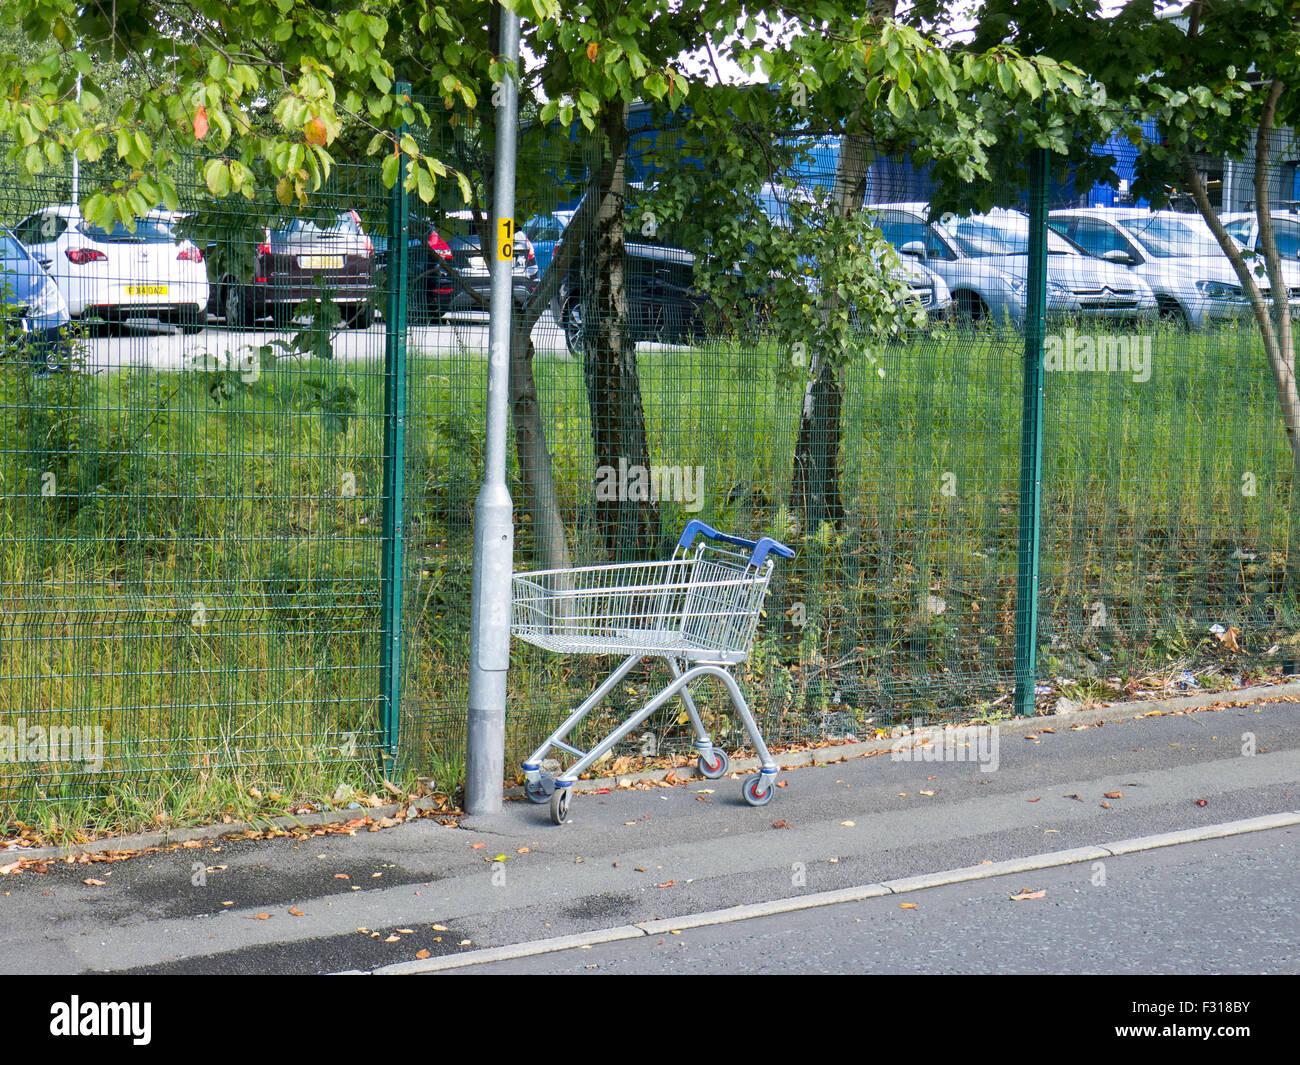 Abandoned supermarket trolley - Stock Image